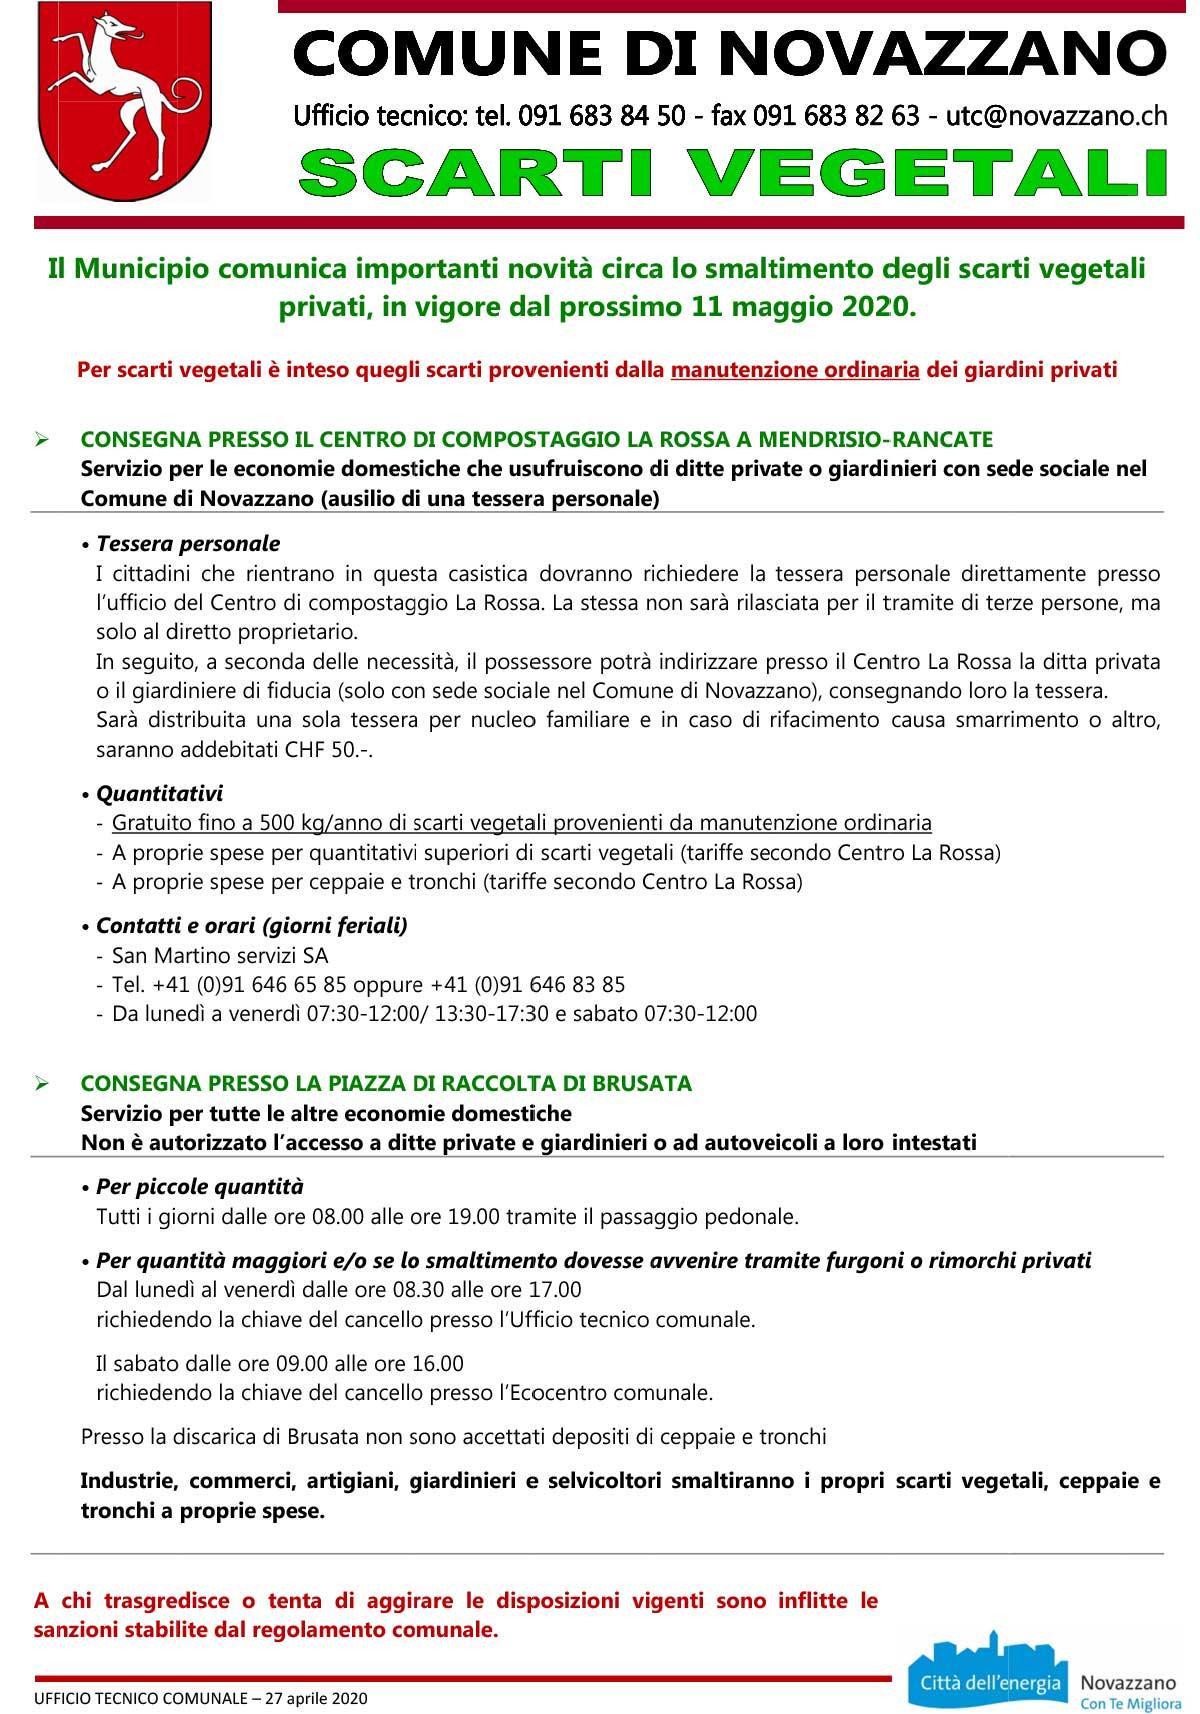 Scarti Vegetali Novazzano